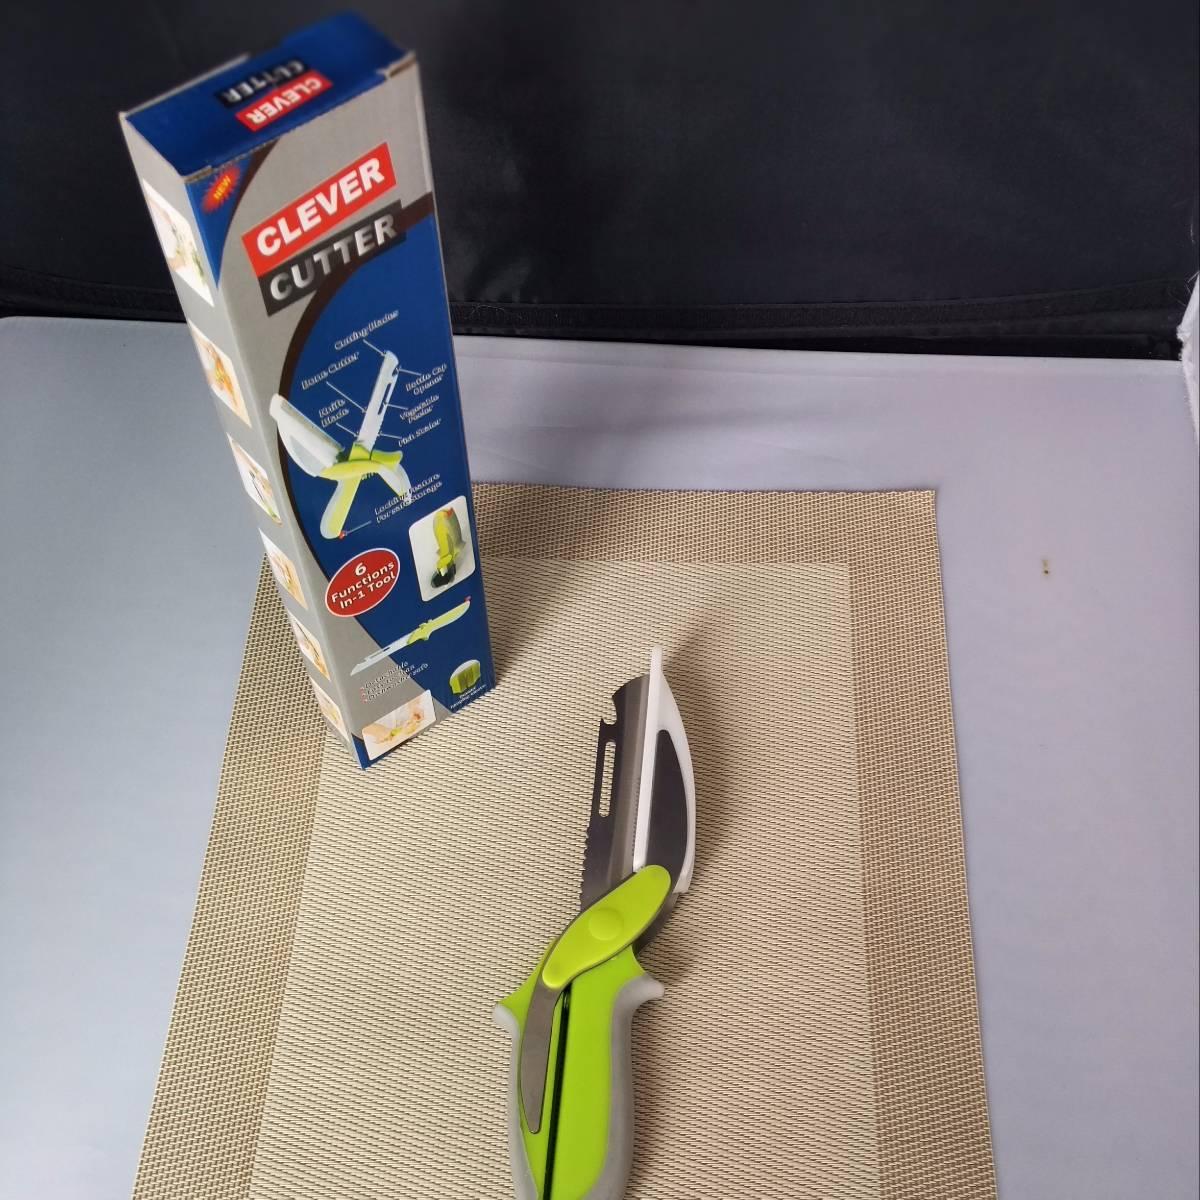 Clever Cutter Pisau Dapur Serbaguna 6 In 11